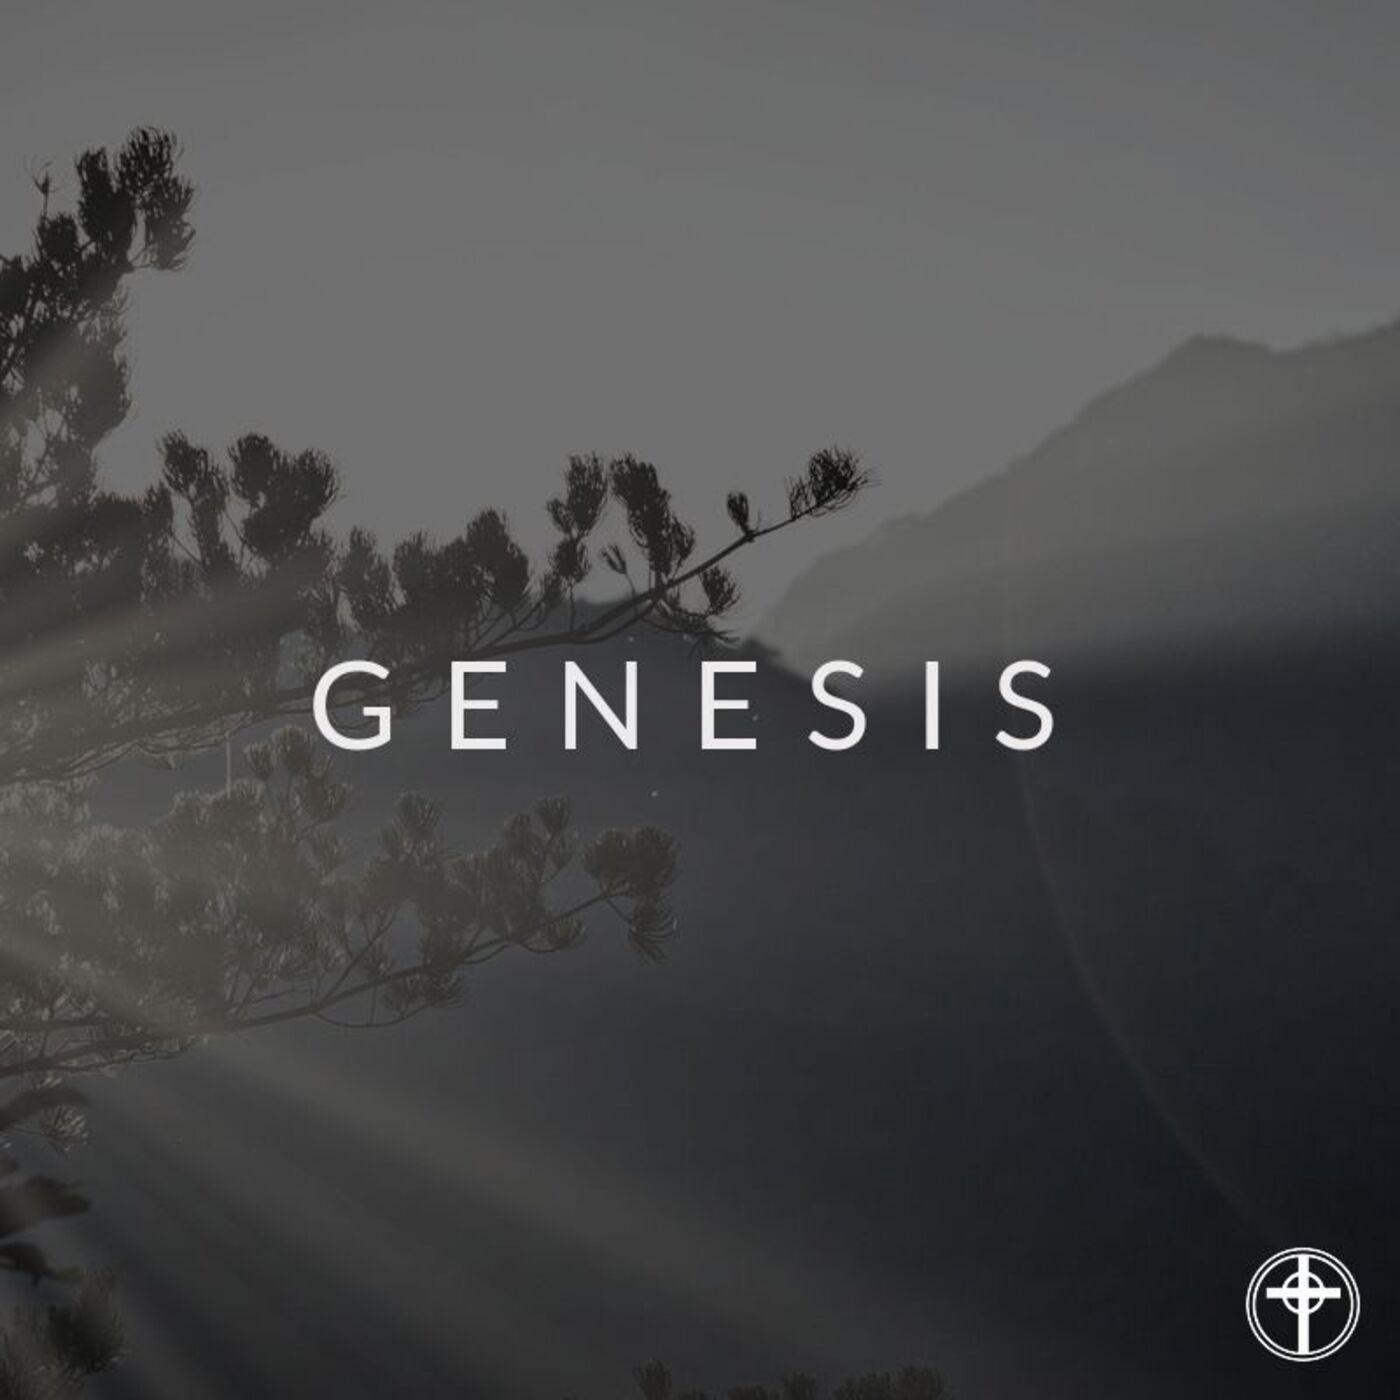 Genesis - Promise of Presence - Genesis 46:1-7